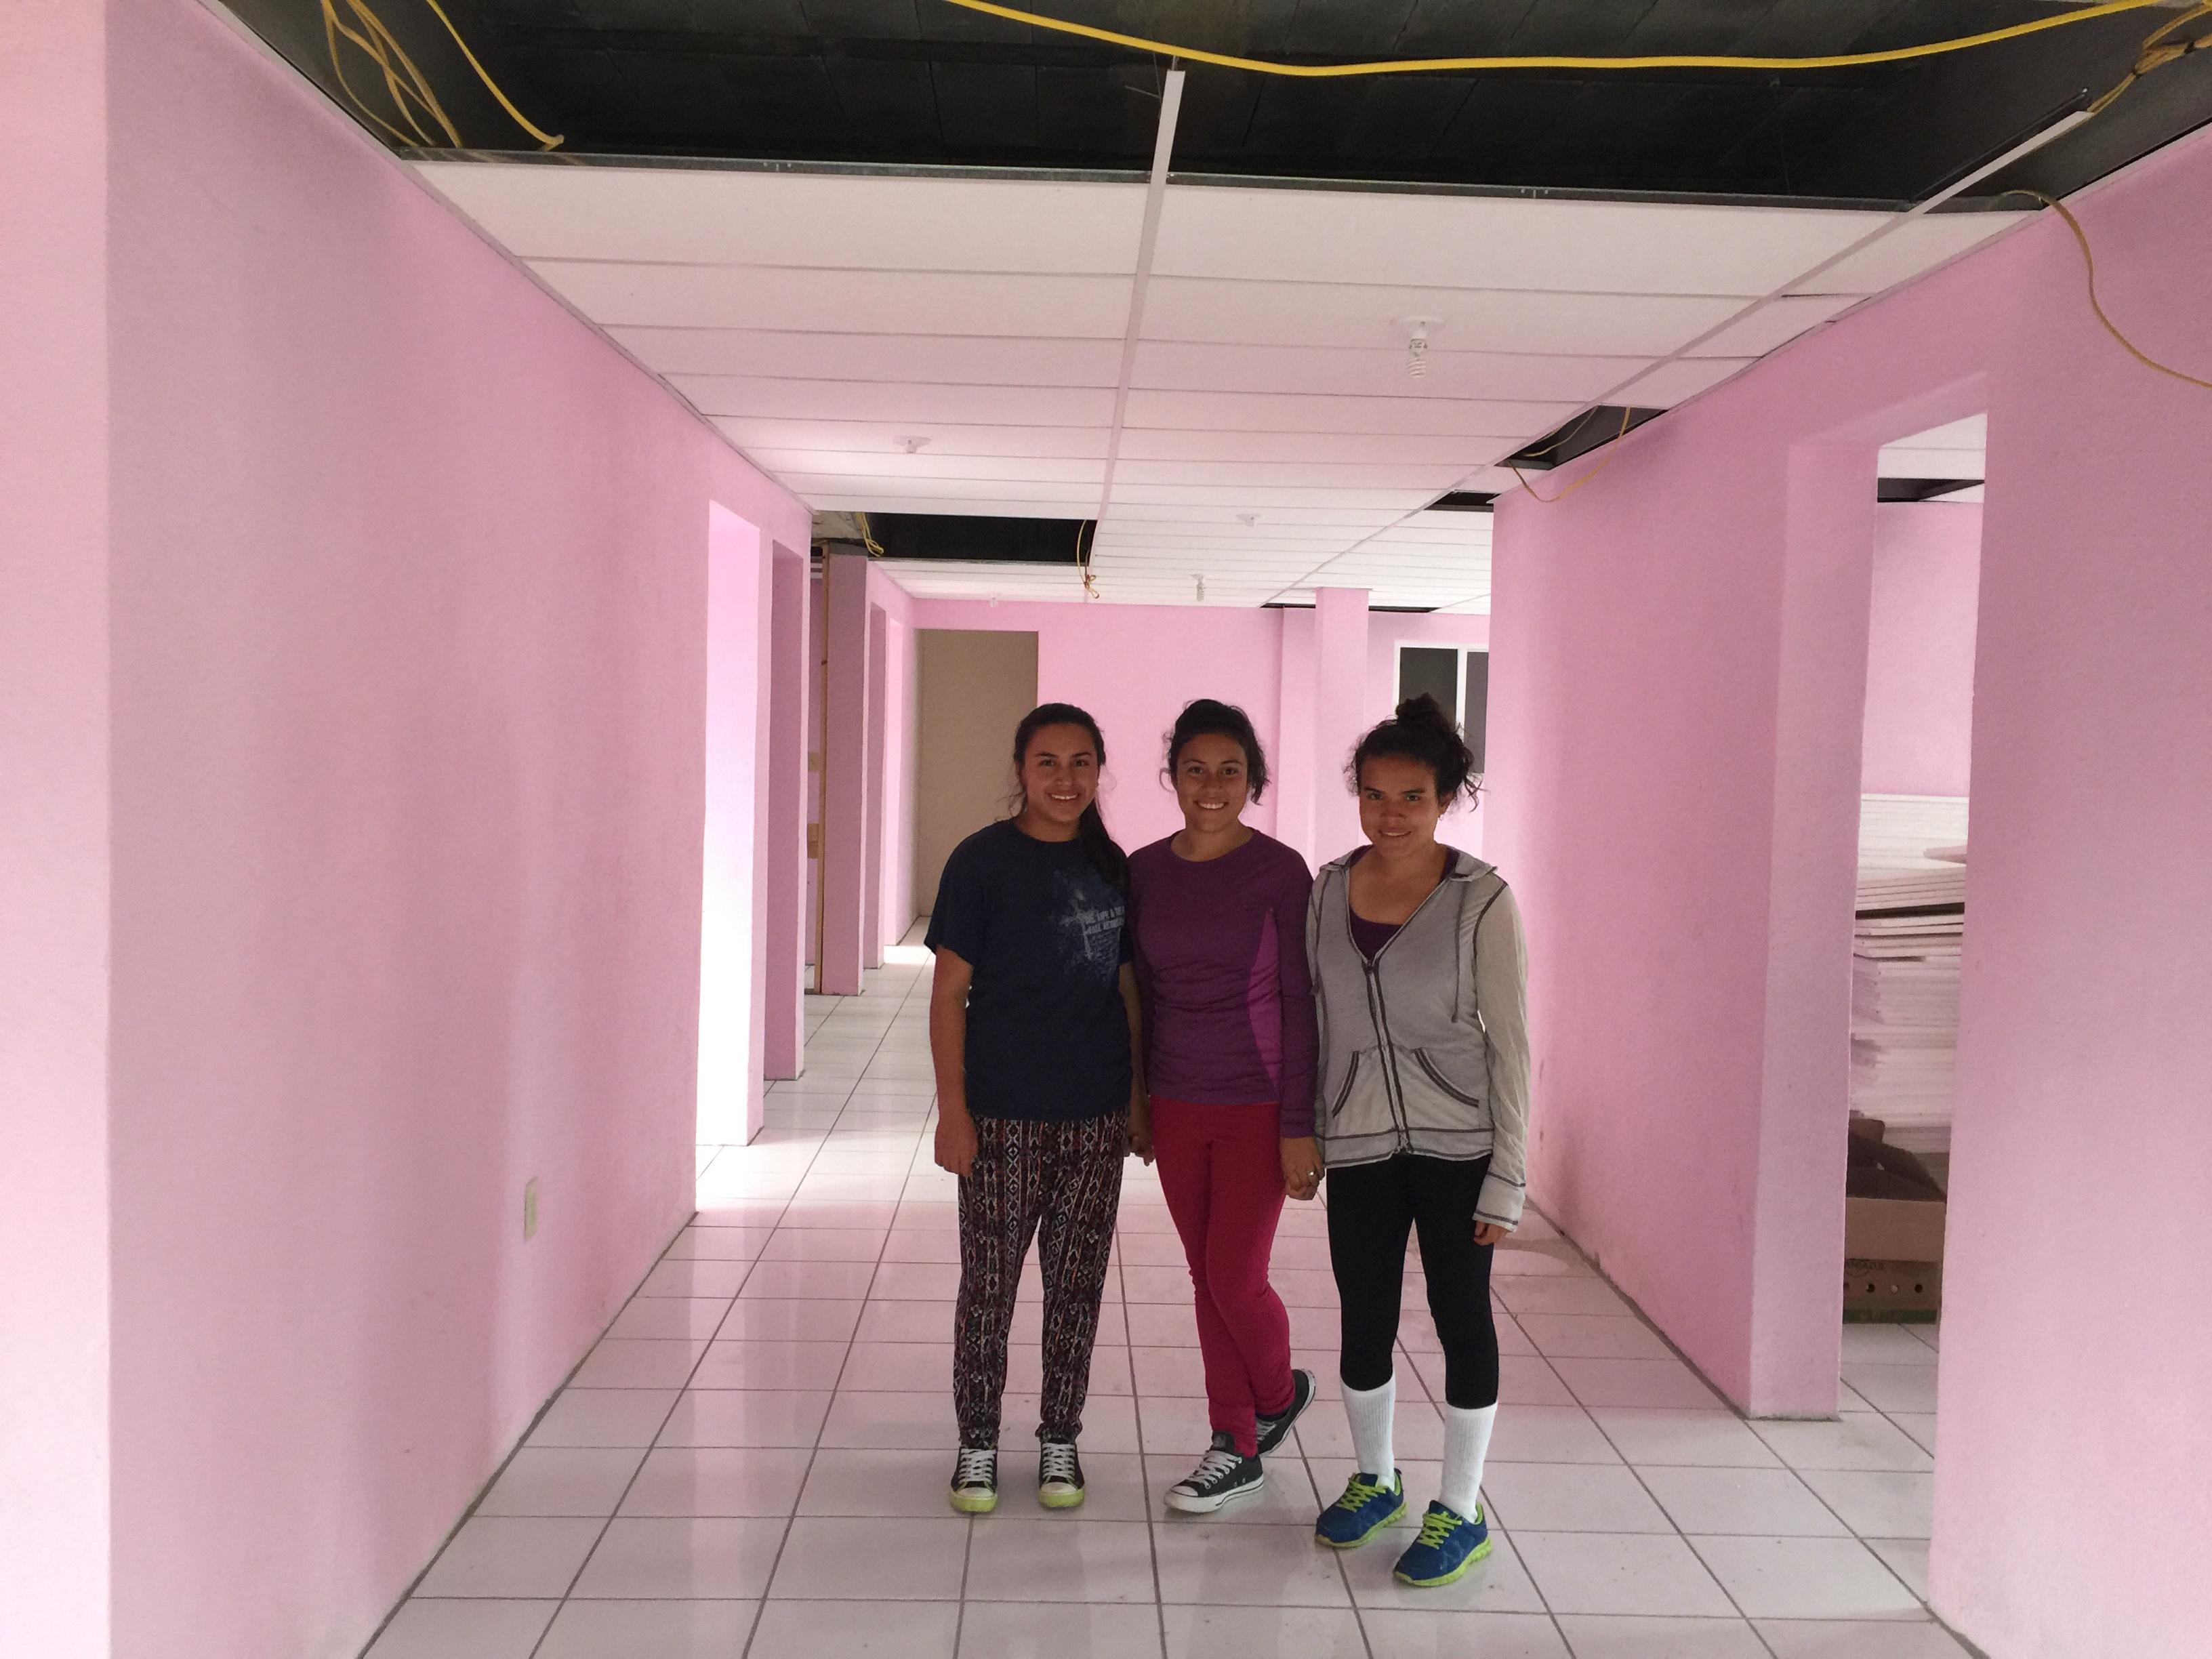 Girl's floor in dialysis dorm